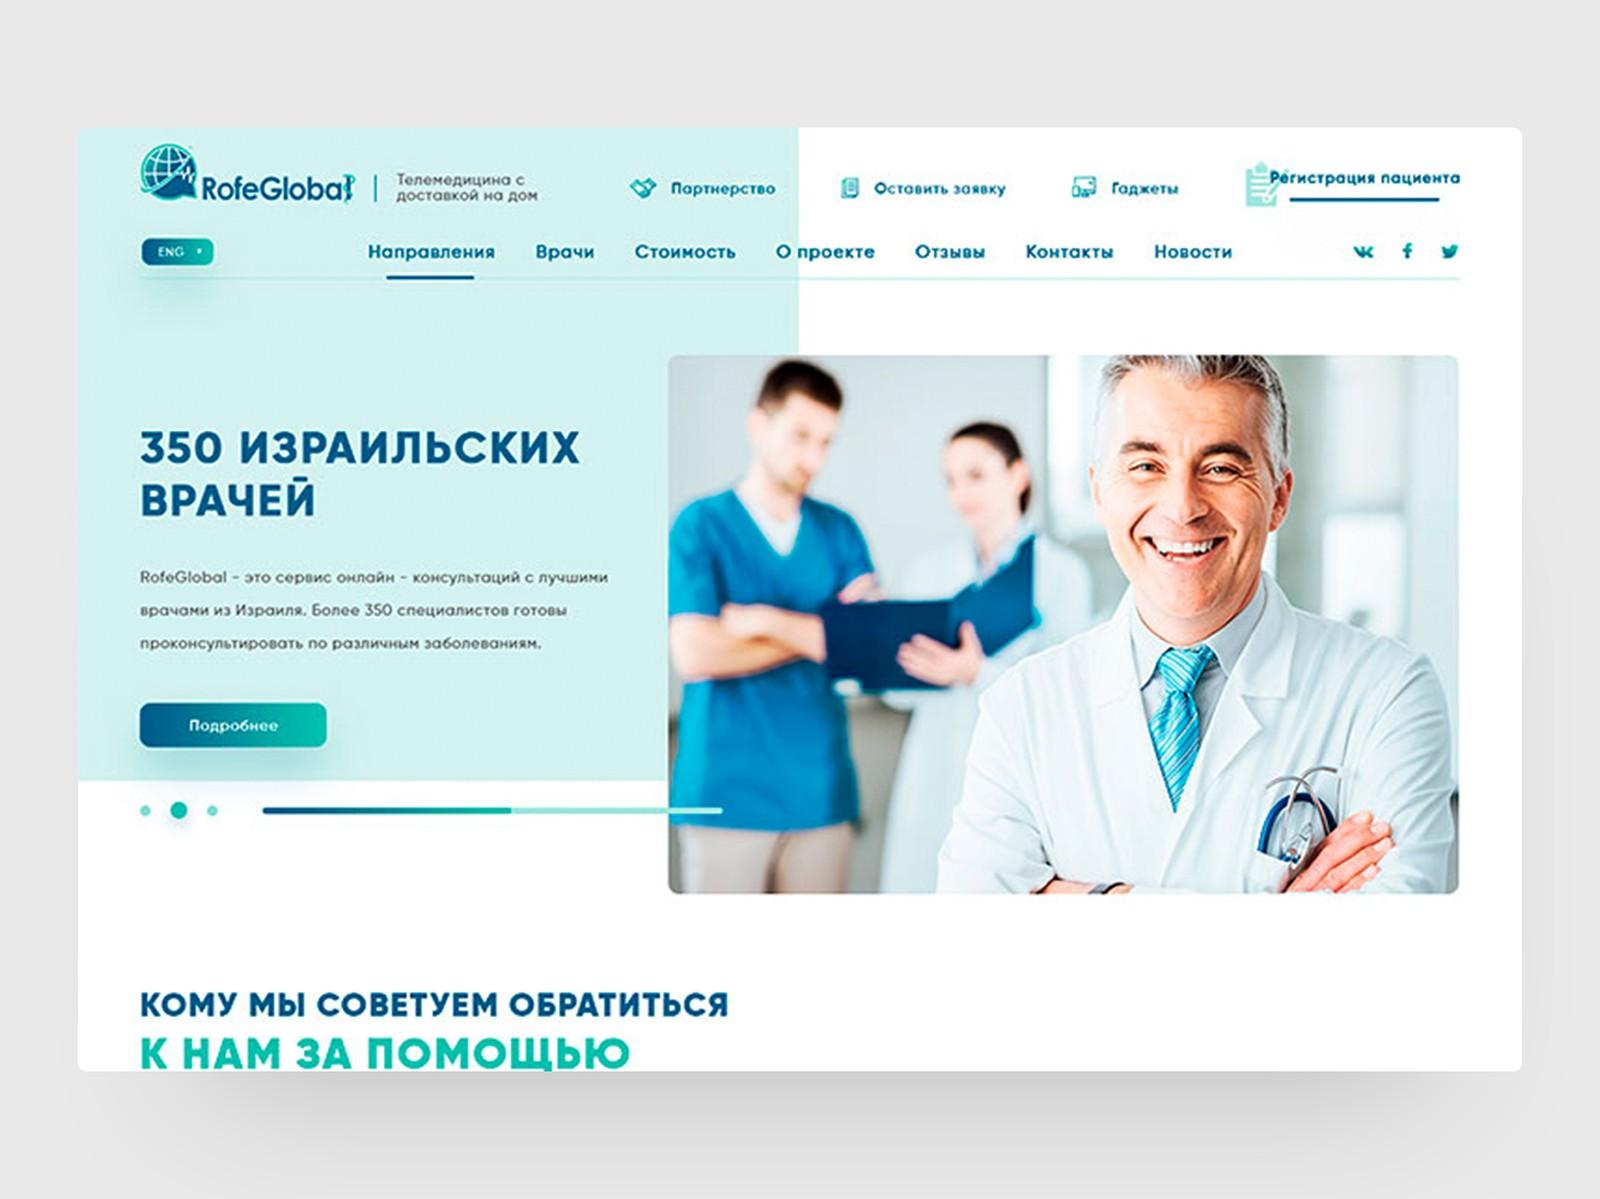 Верстка медицинского портала